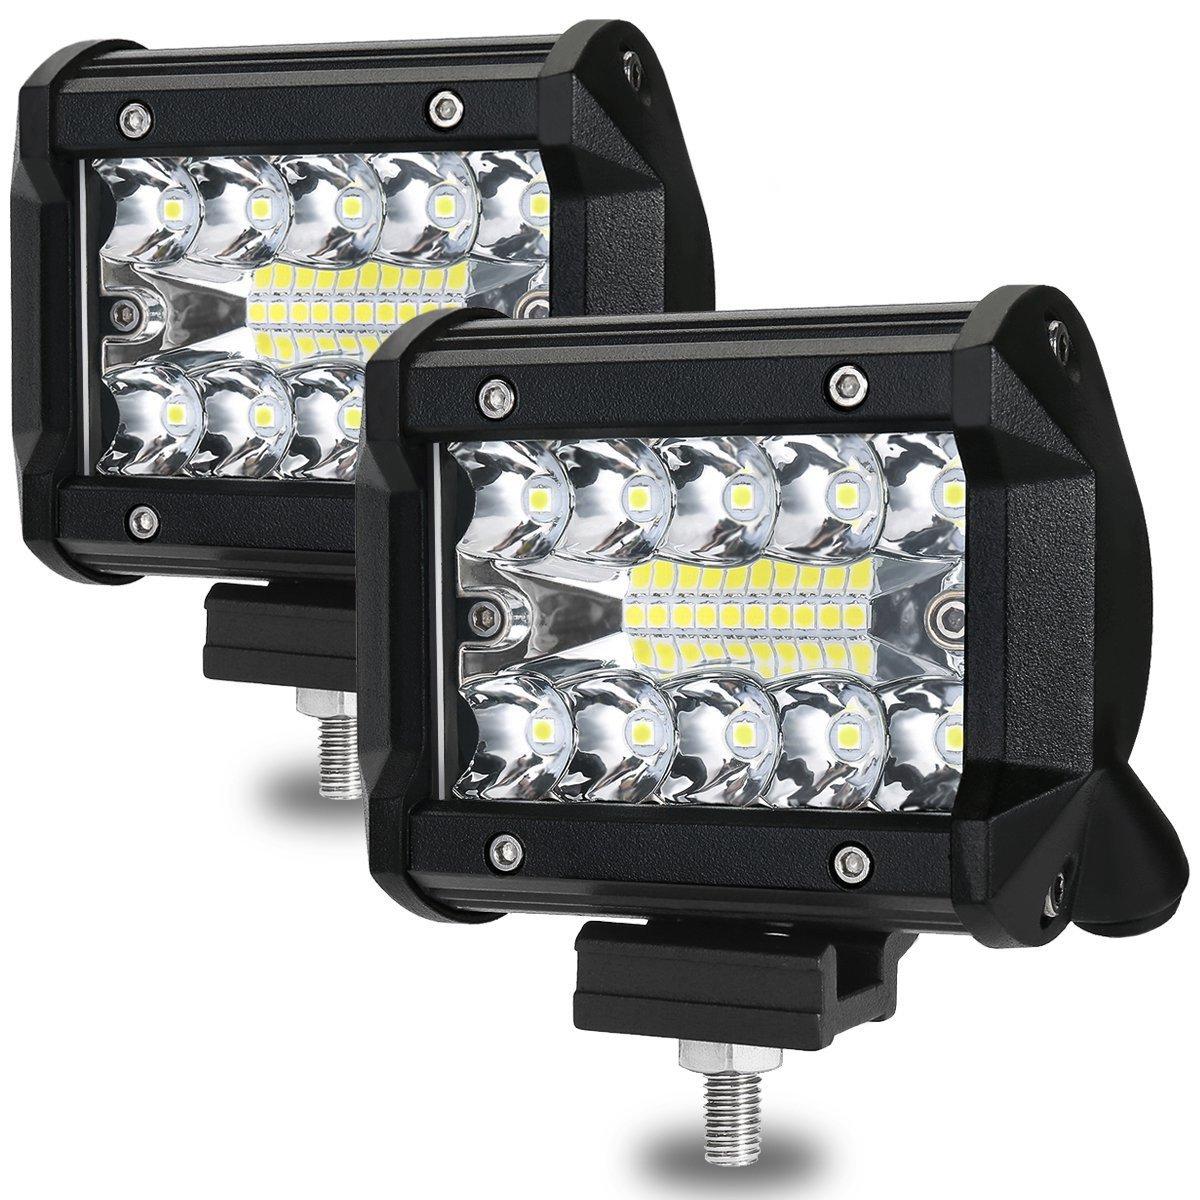 Kyerivs LED light bar, 10,2 cm 60 W luce di azionamento impermeabile, per auto fuoristrada ATV SUV Jeep Cabin barca, 2 pezzi, 1 anno di garanzia